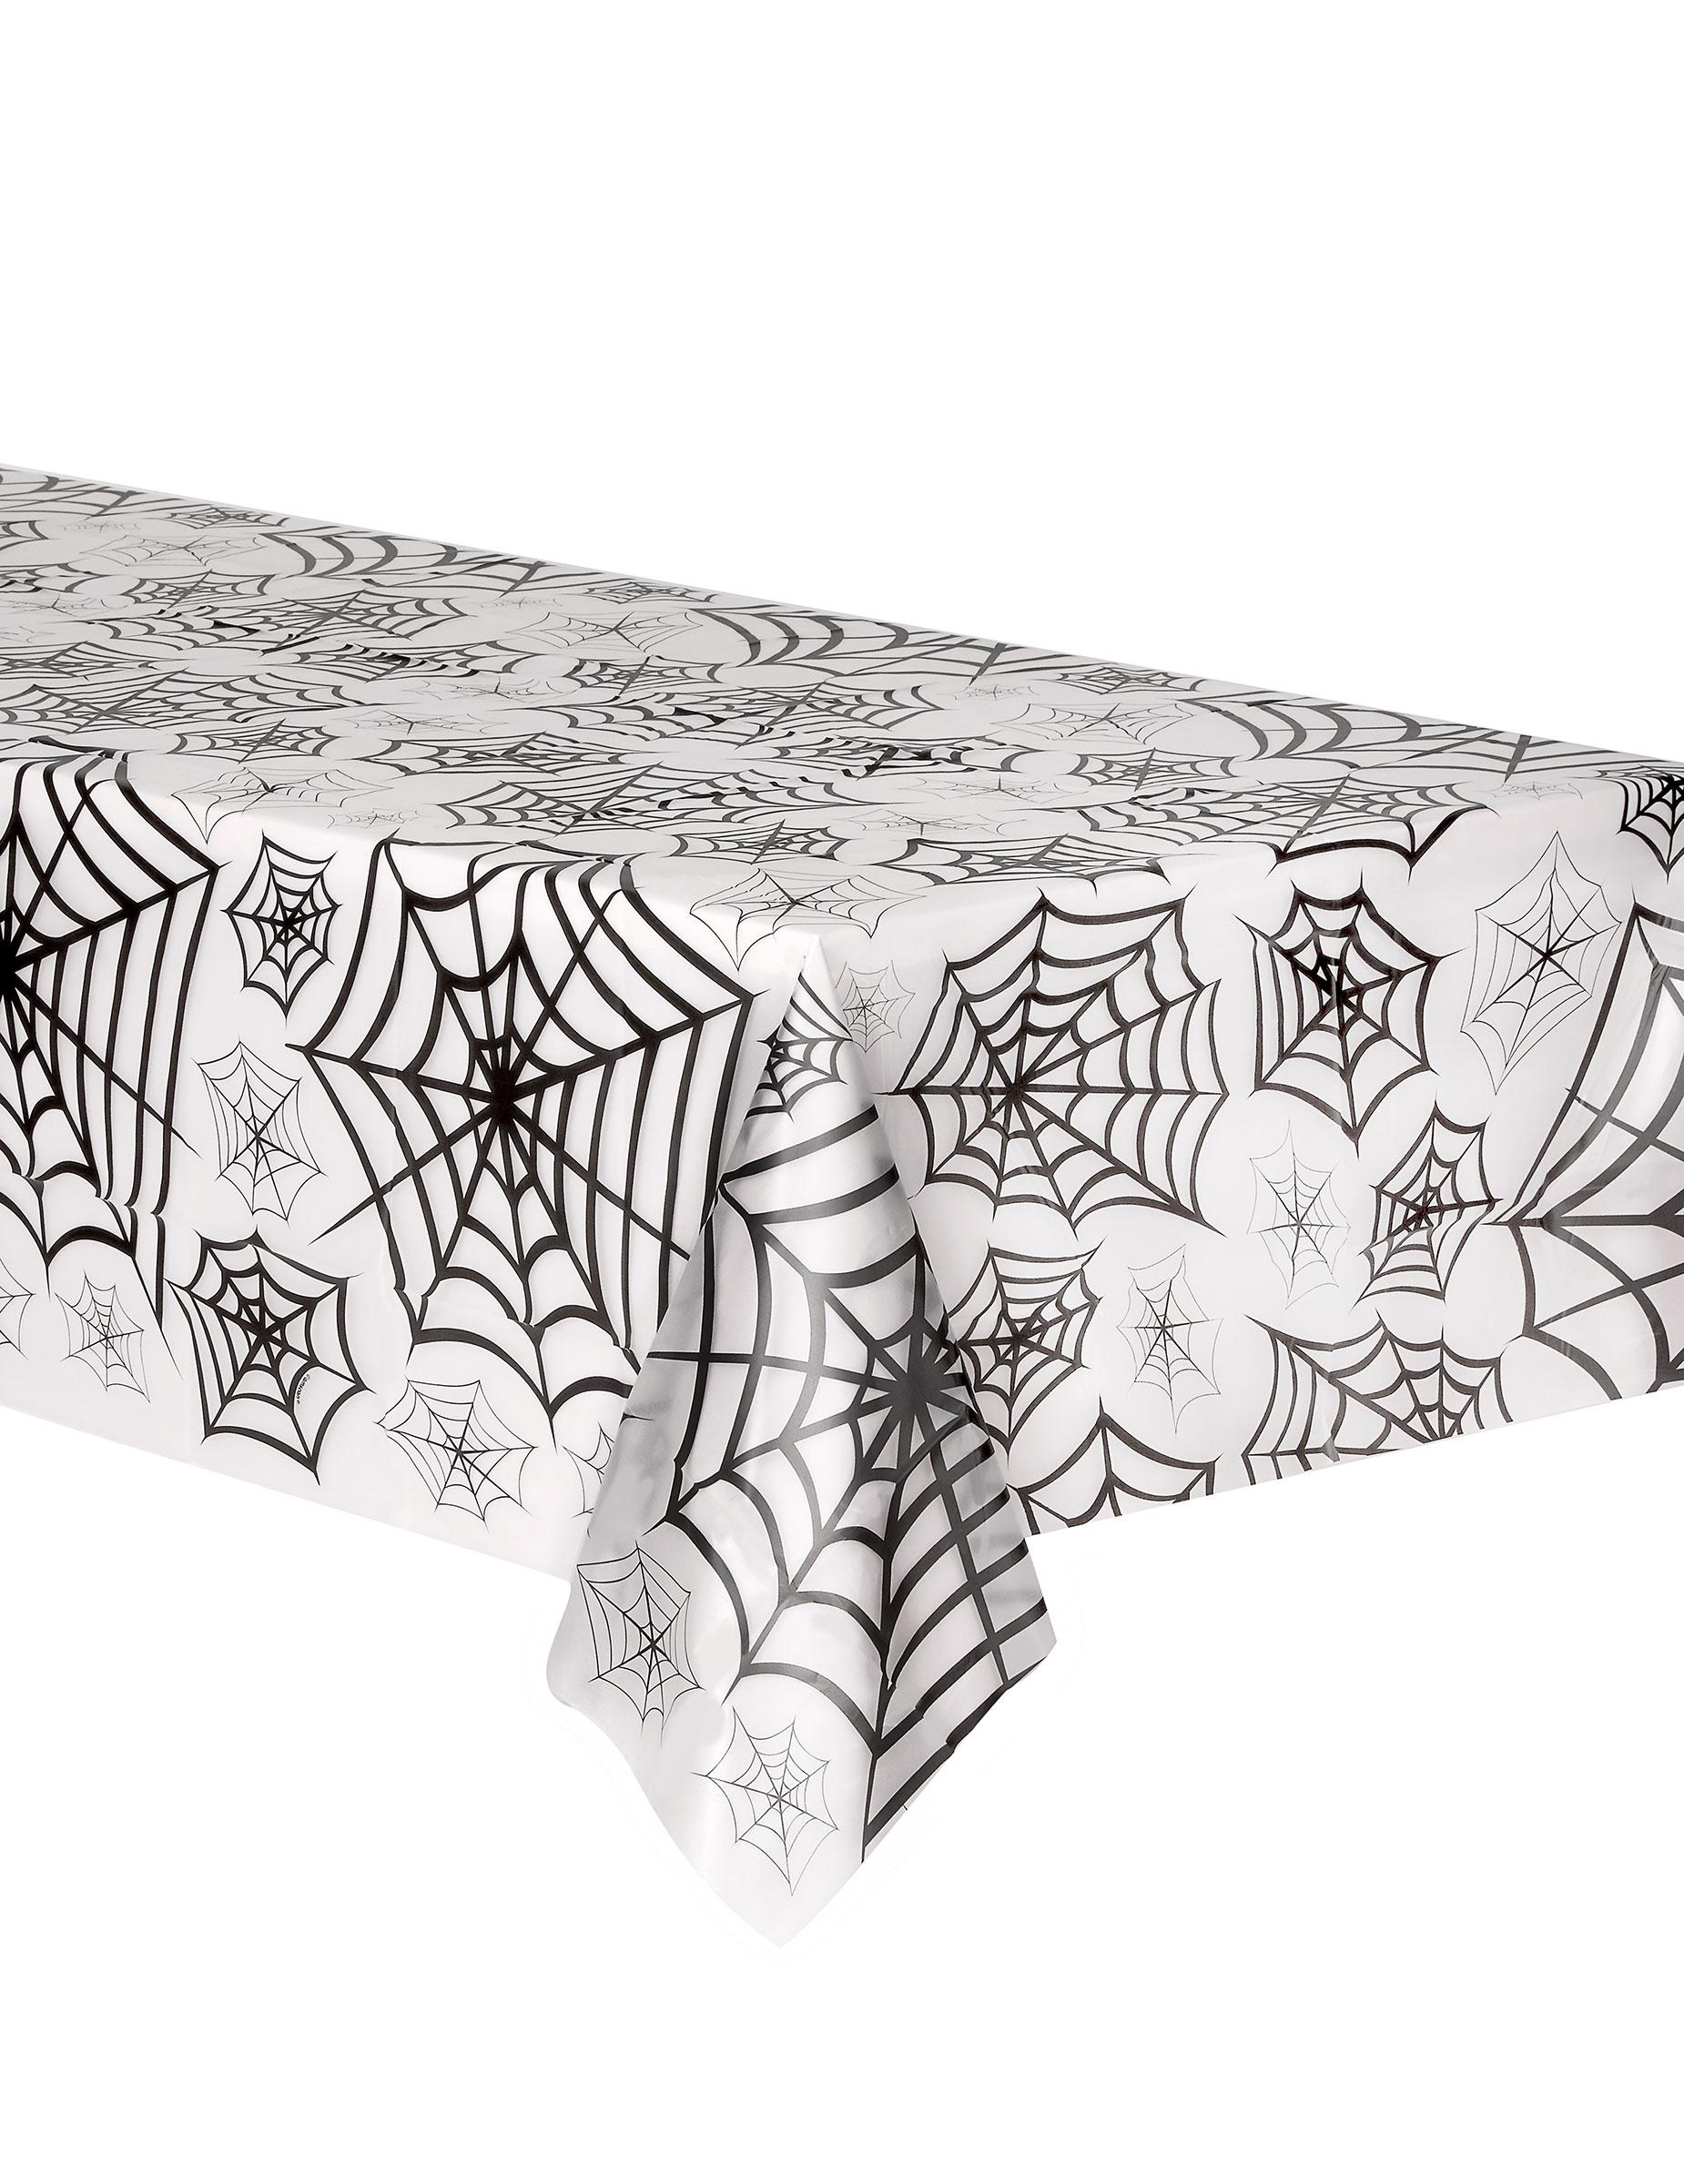 spinnweben halloween tischdecke weiss schwarz 135x275cm g nstige faschings partydeko zubeh r. Black Bedroom Furniture Sets. Home Design Ideas